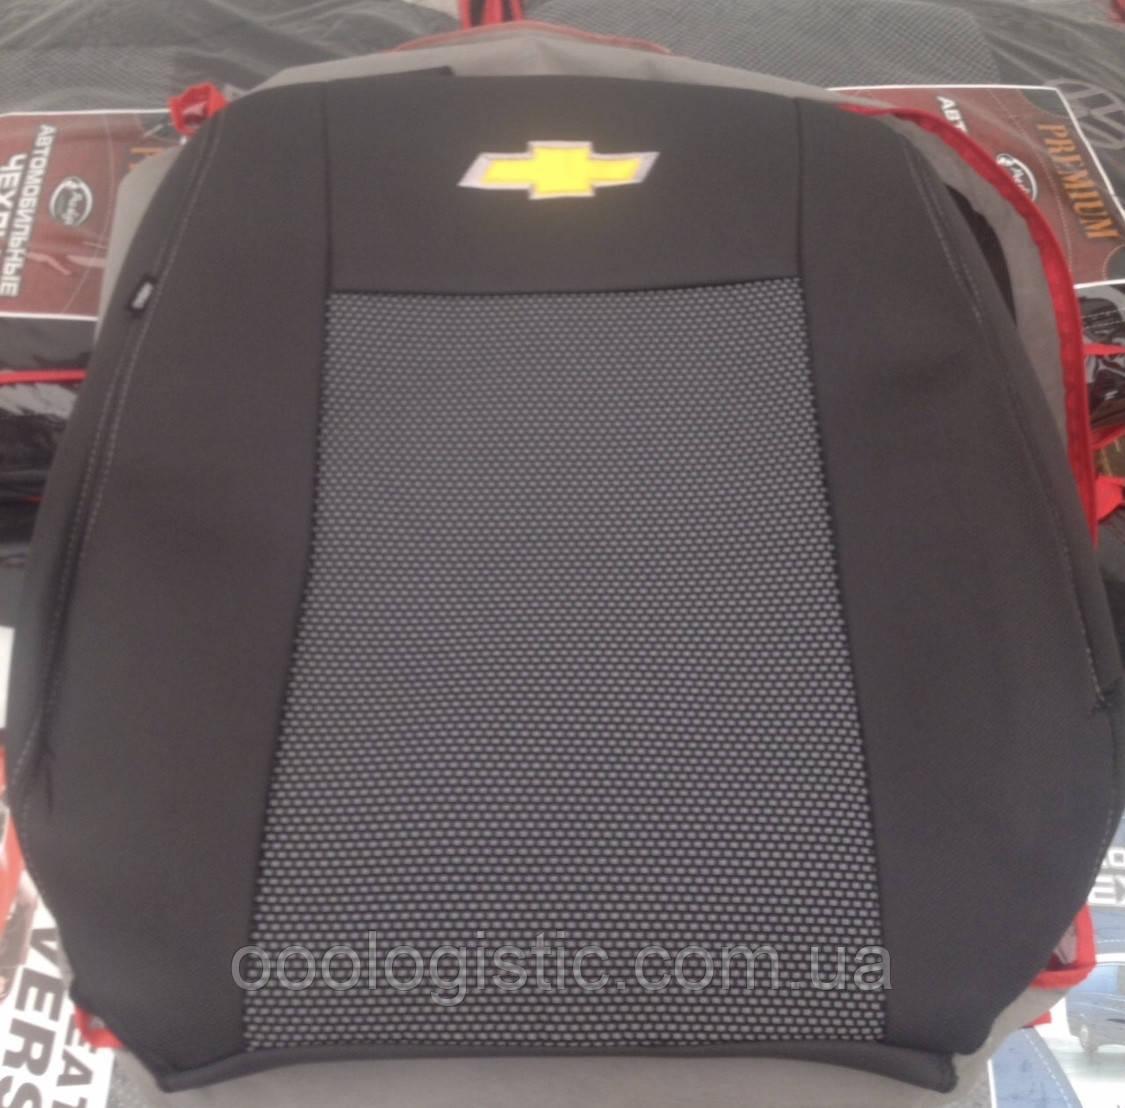 Авточохли на Chevrolet Nubira 2004 року wagon, Шевроле Нубіру